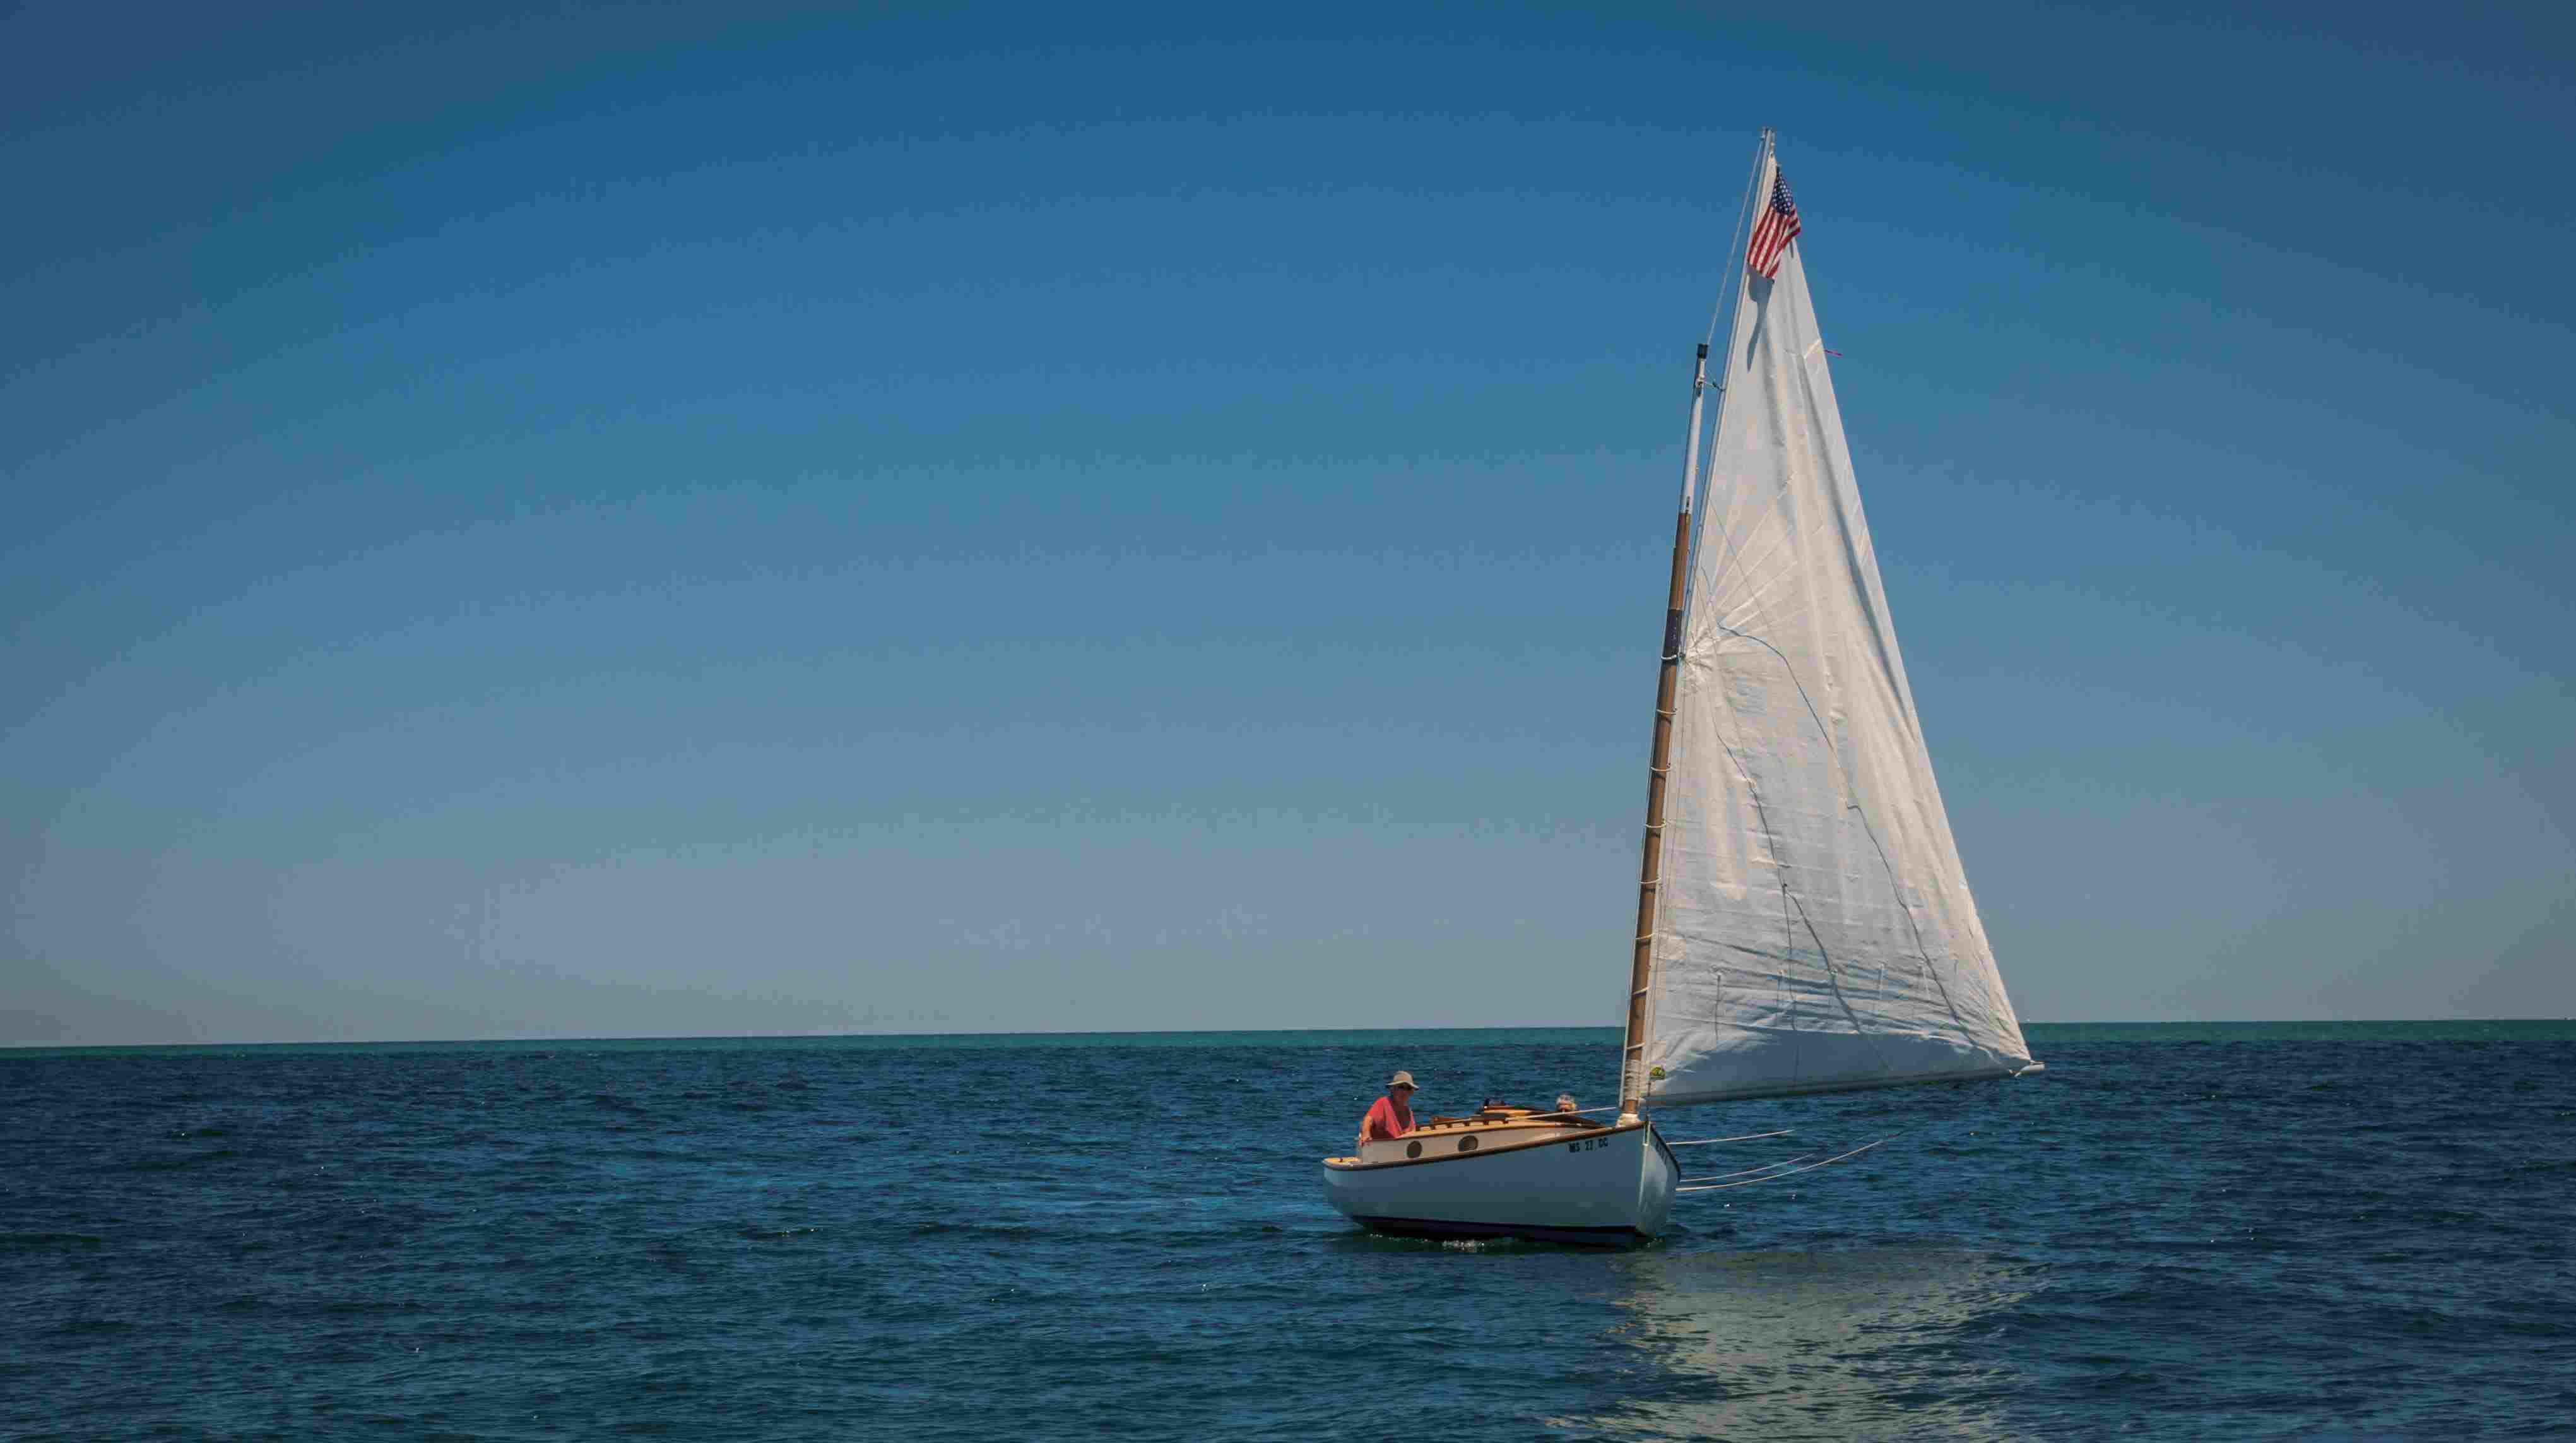 Catboat Sailing